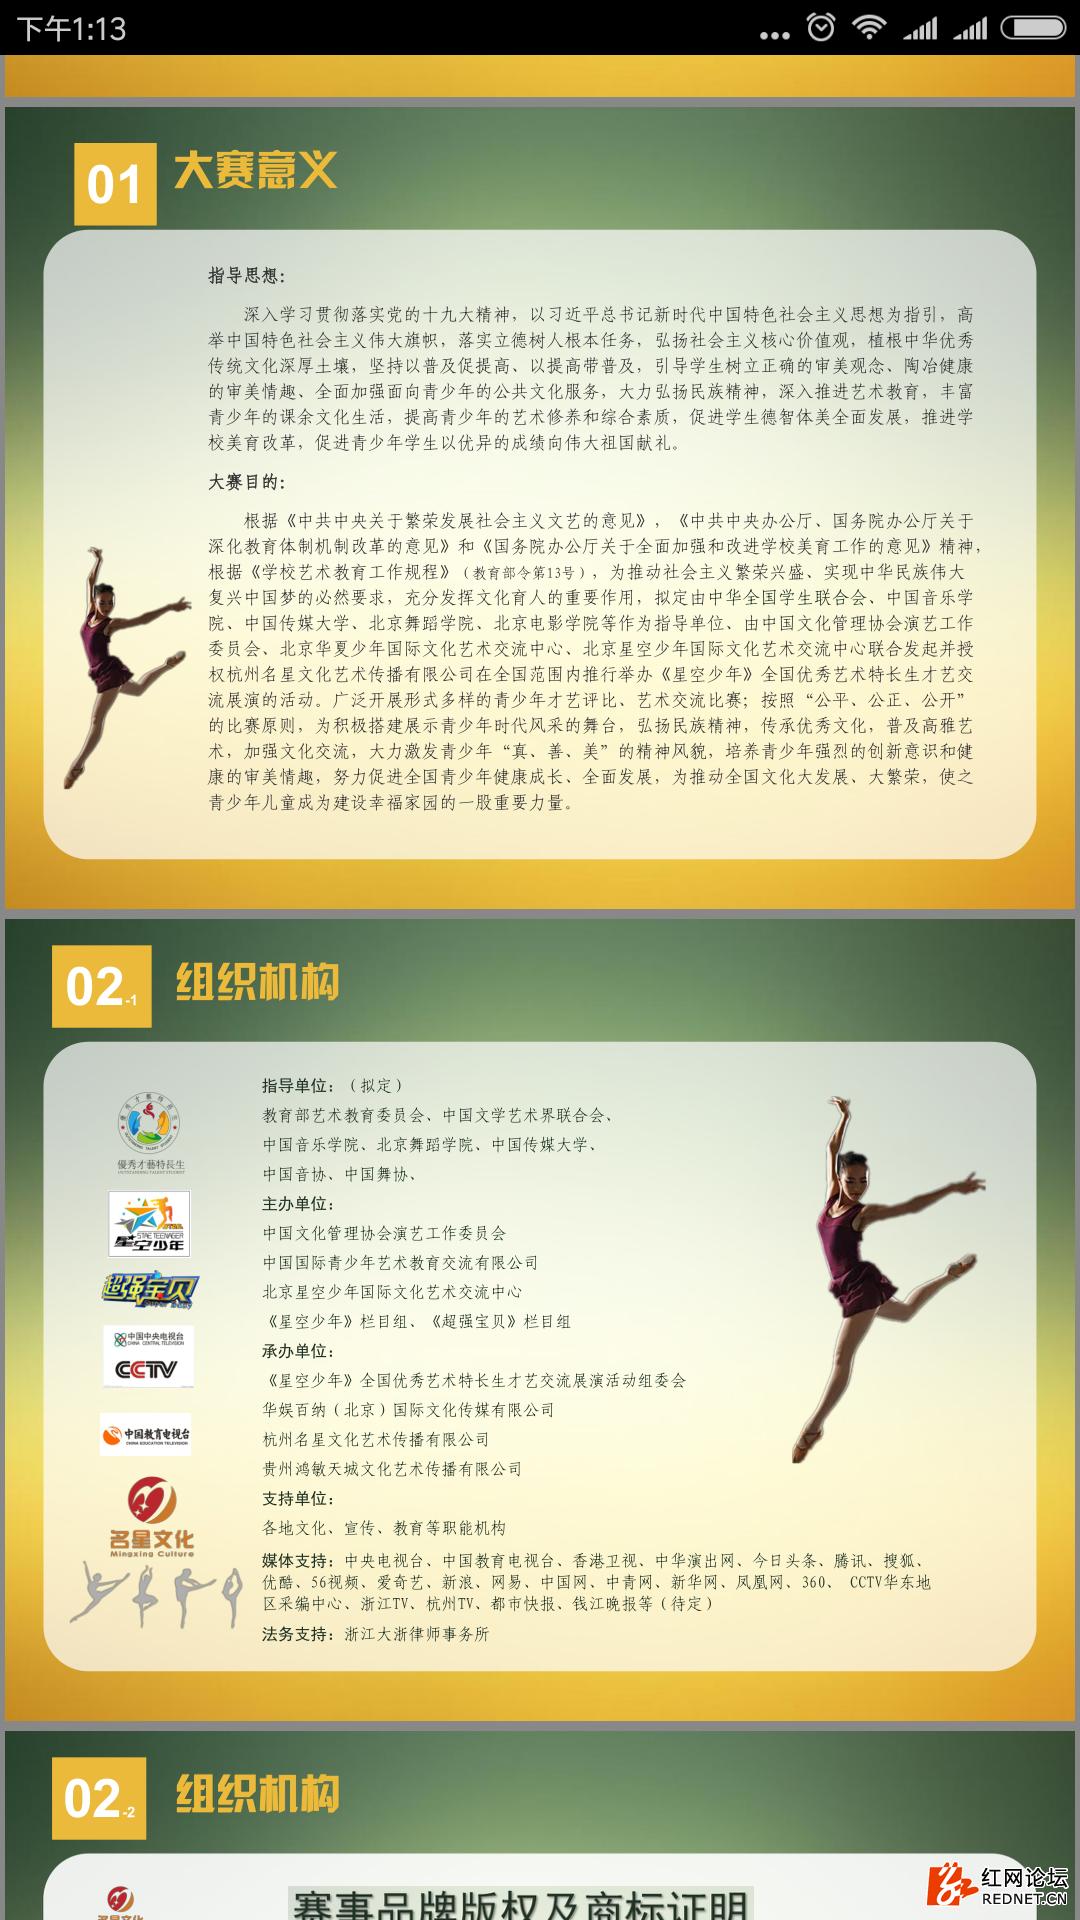 Screenshot_2018-07-10-13-13-02-307_com.tencent.mm.png